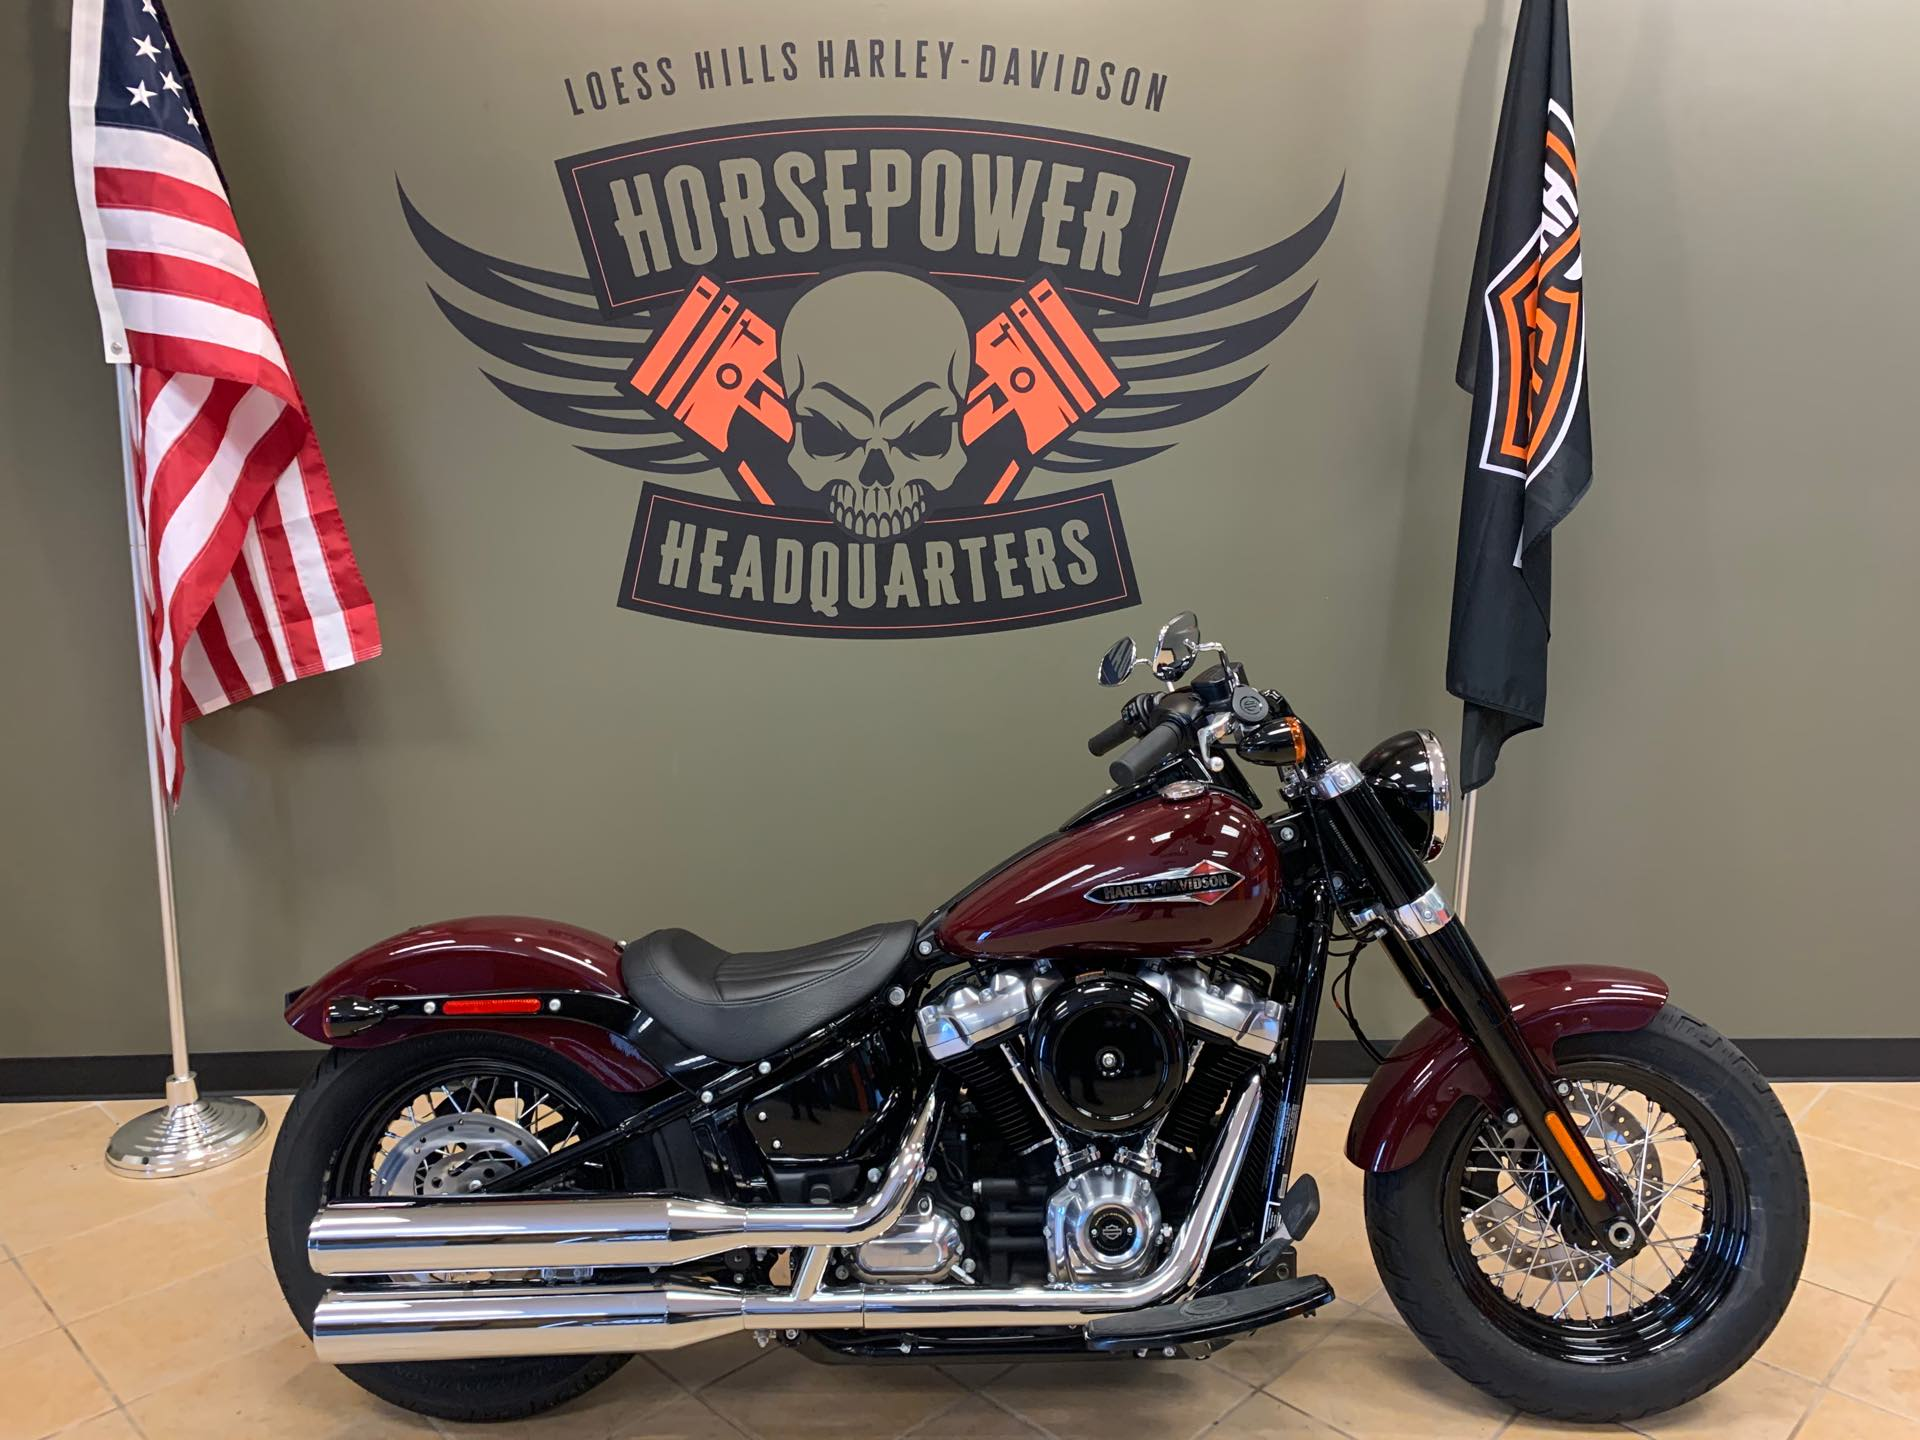 2020 Harley-Davidson Softail Softail Slim at Loess Hills Harley-Davidson